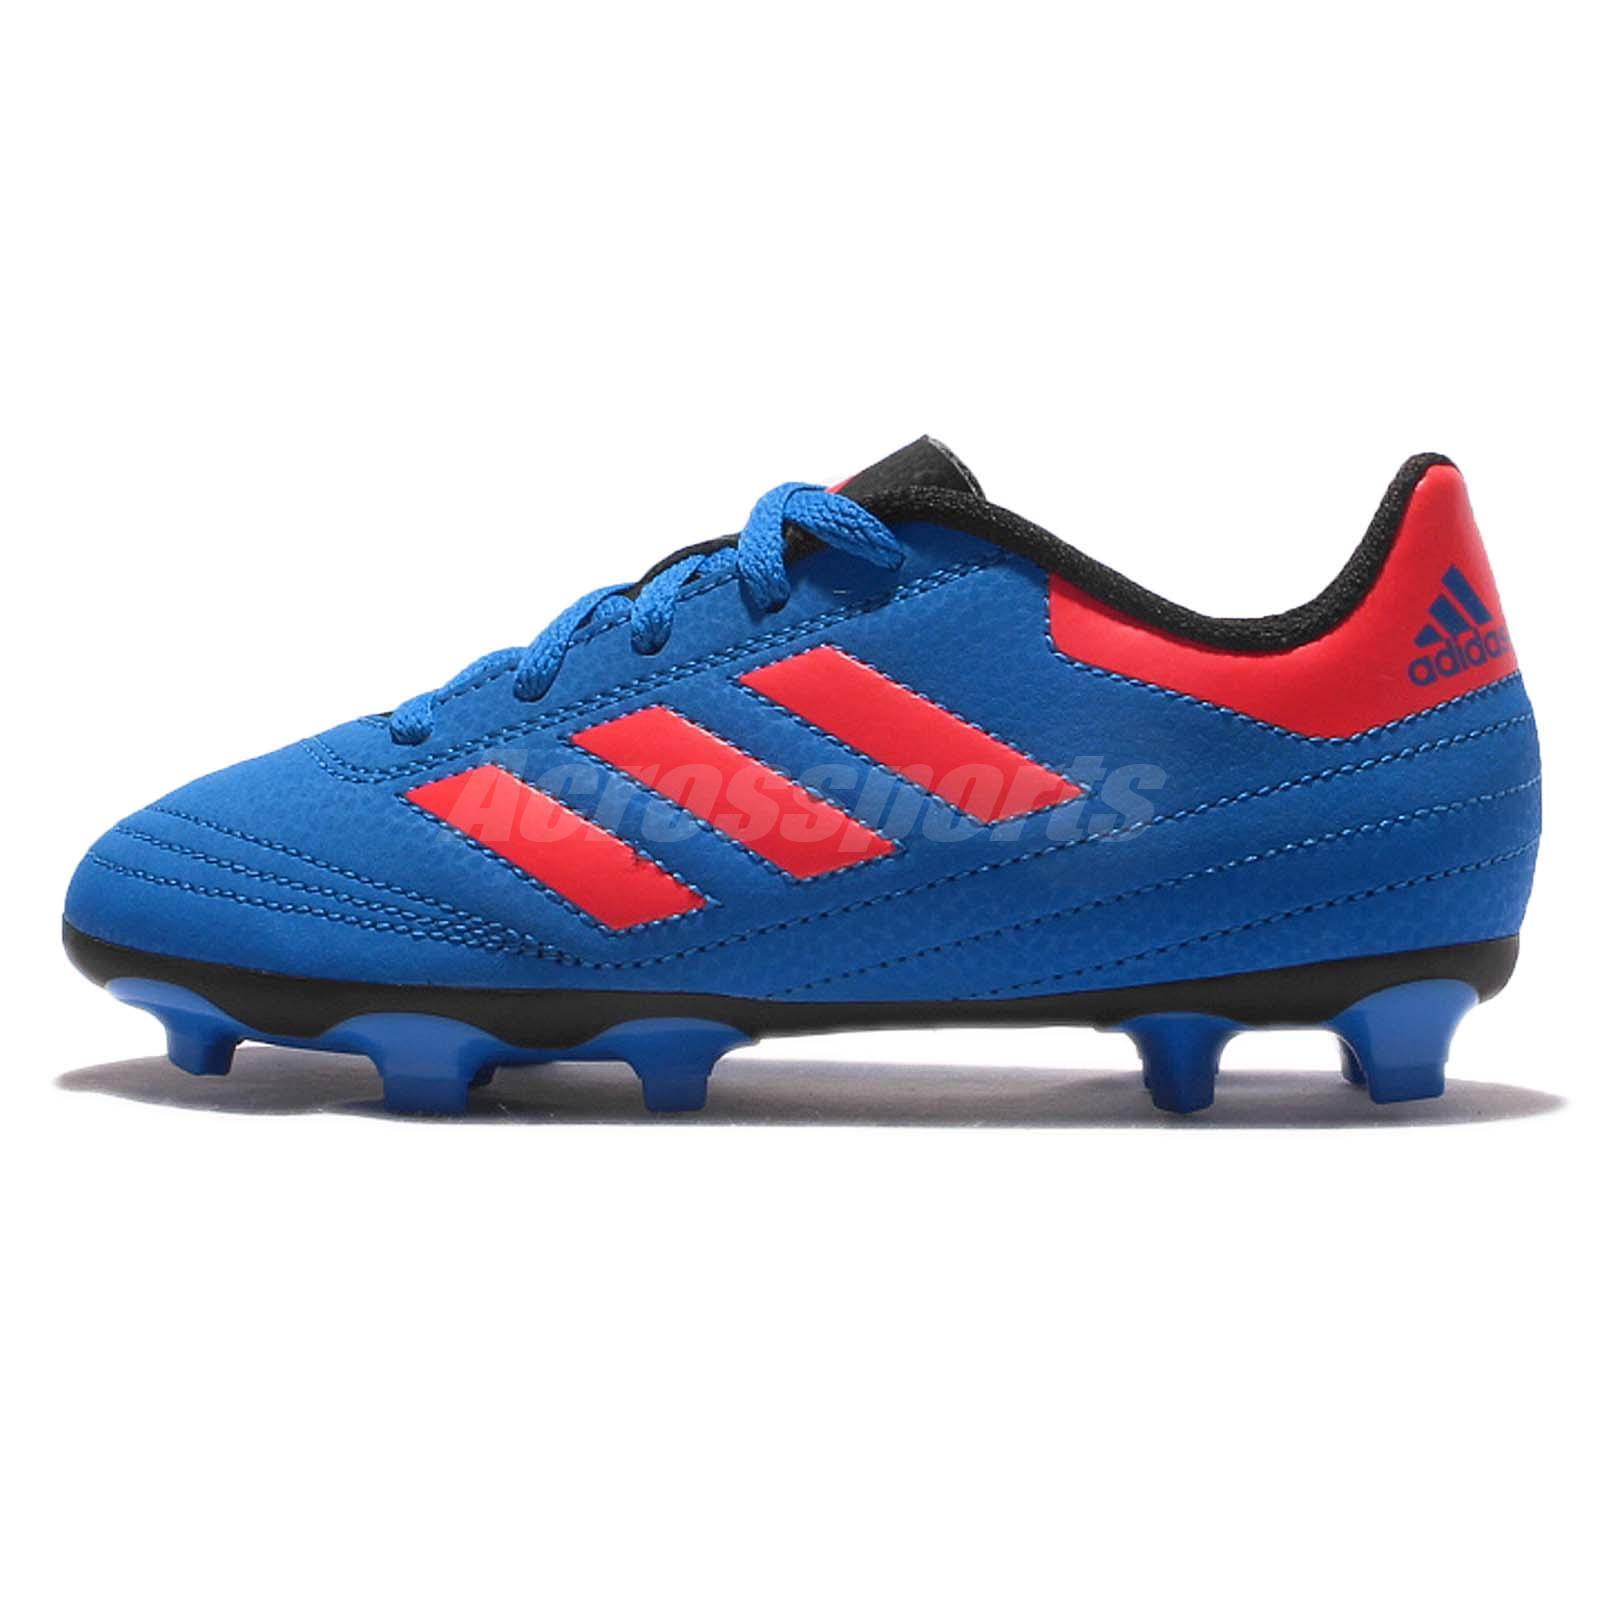 adidas goletto vi fg j blue red kids junior soccer shoes. Black Bedroom Furniture Sets. Home Design Ideas